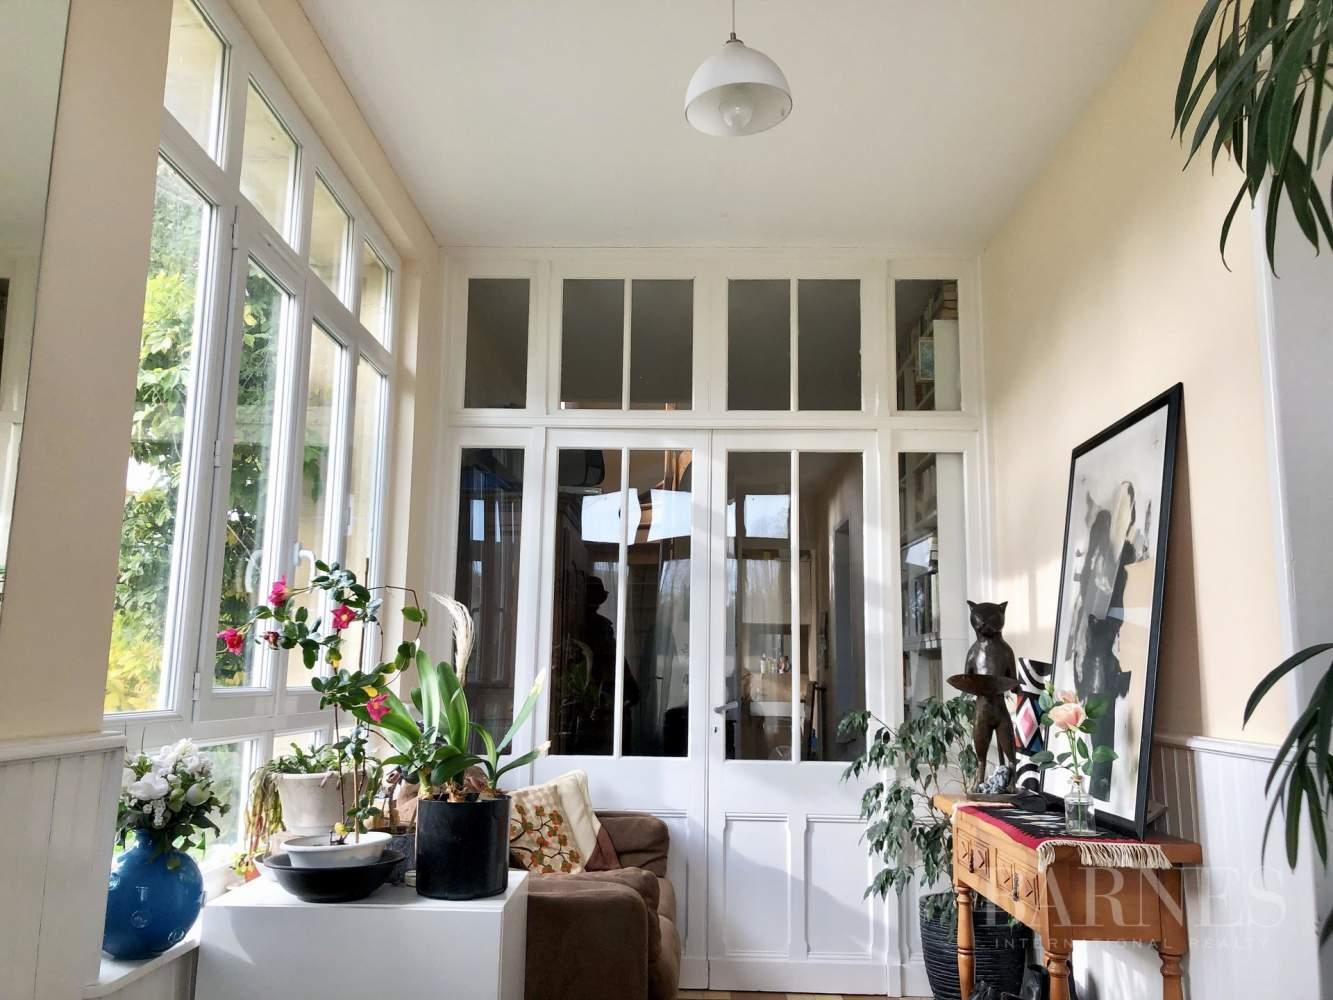 BERNIERES SUR MER  - Maison 6 Pièces 4 Chambres - picture 2